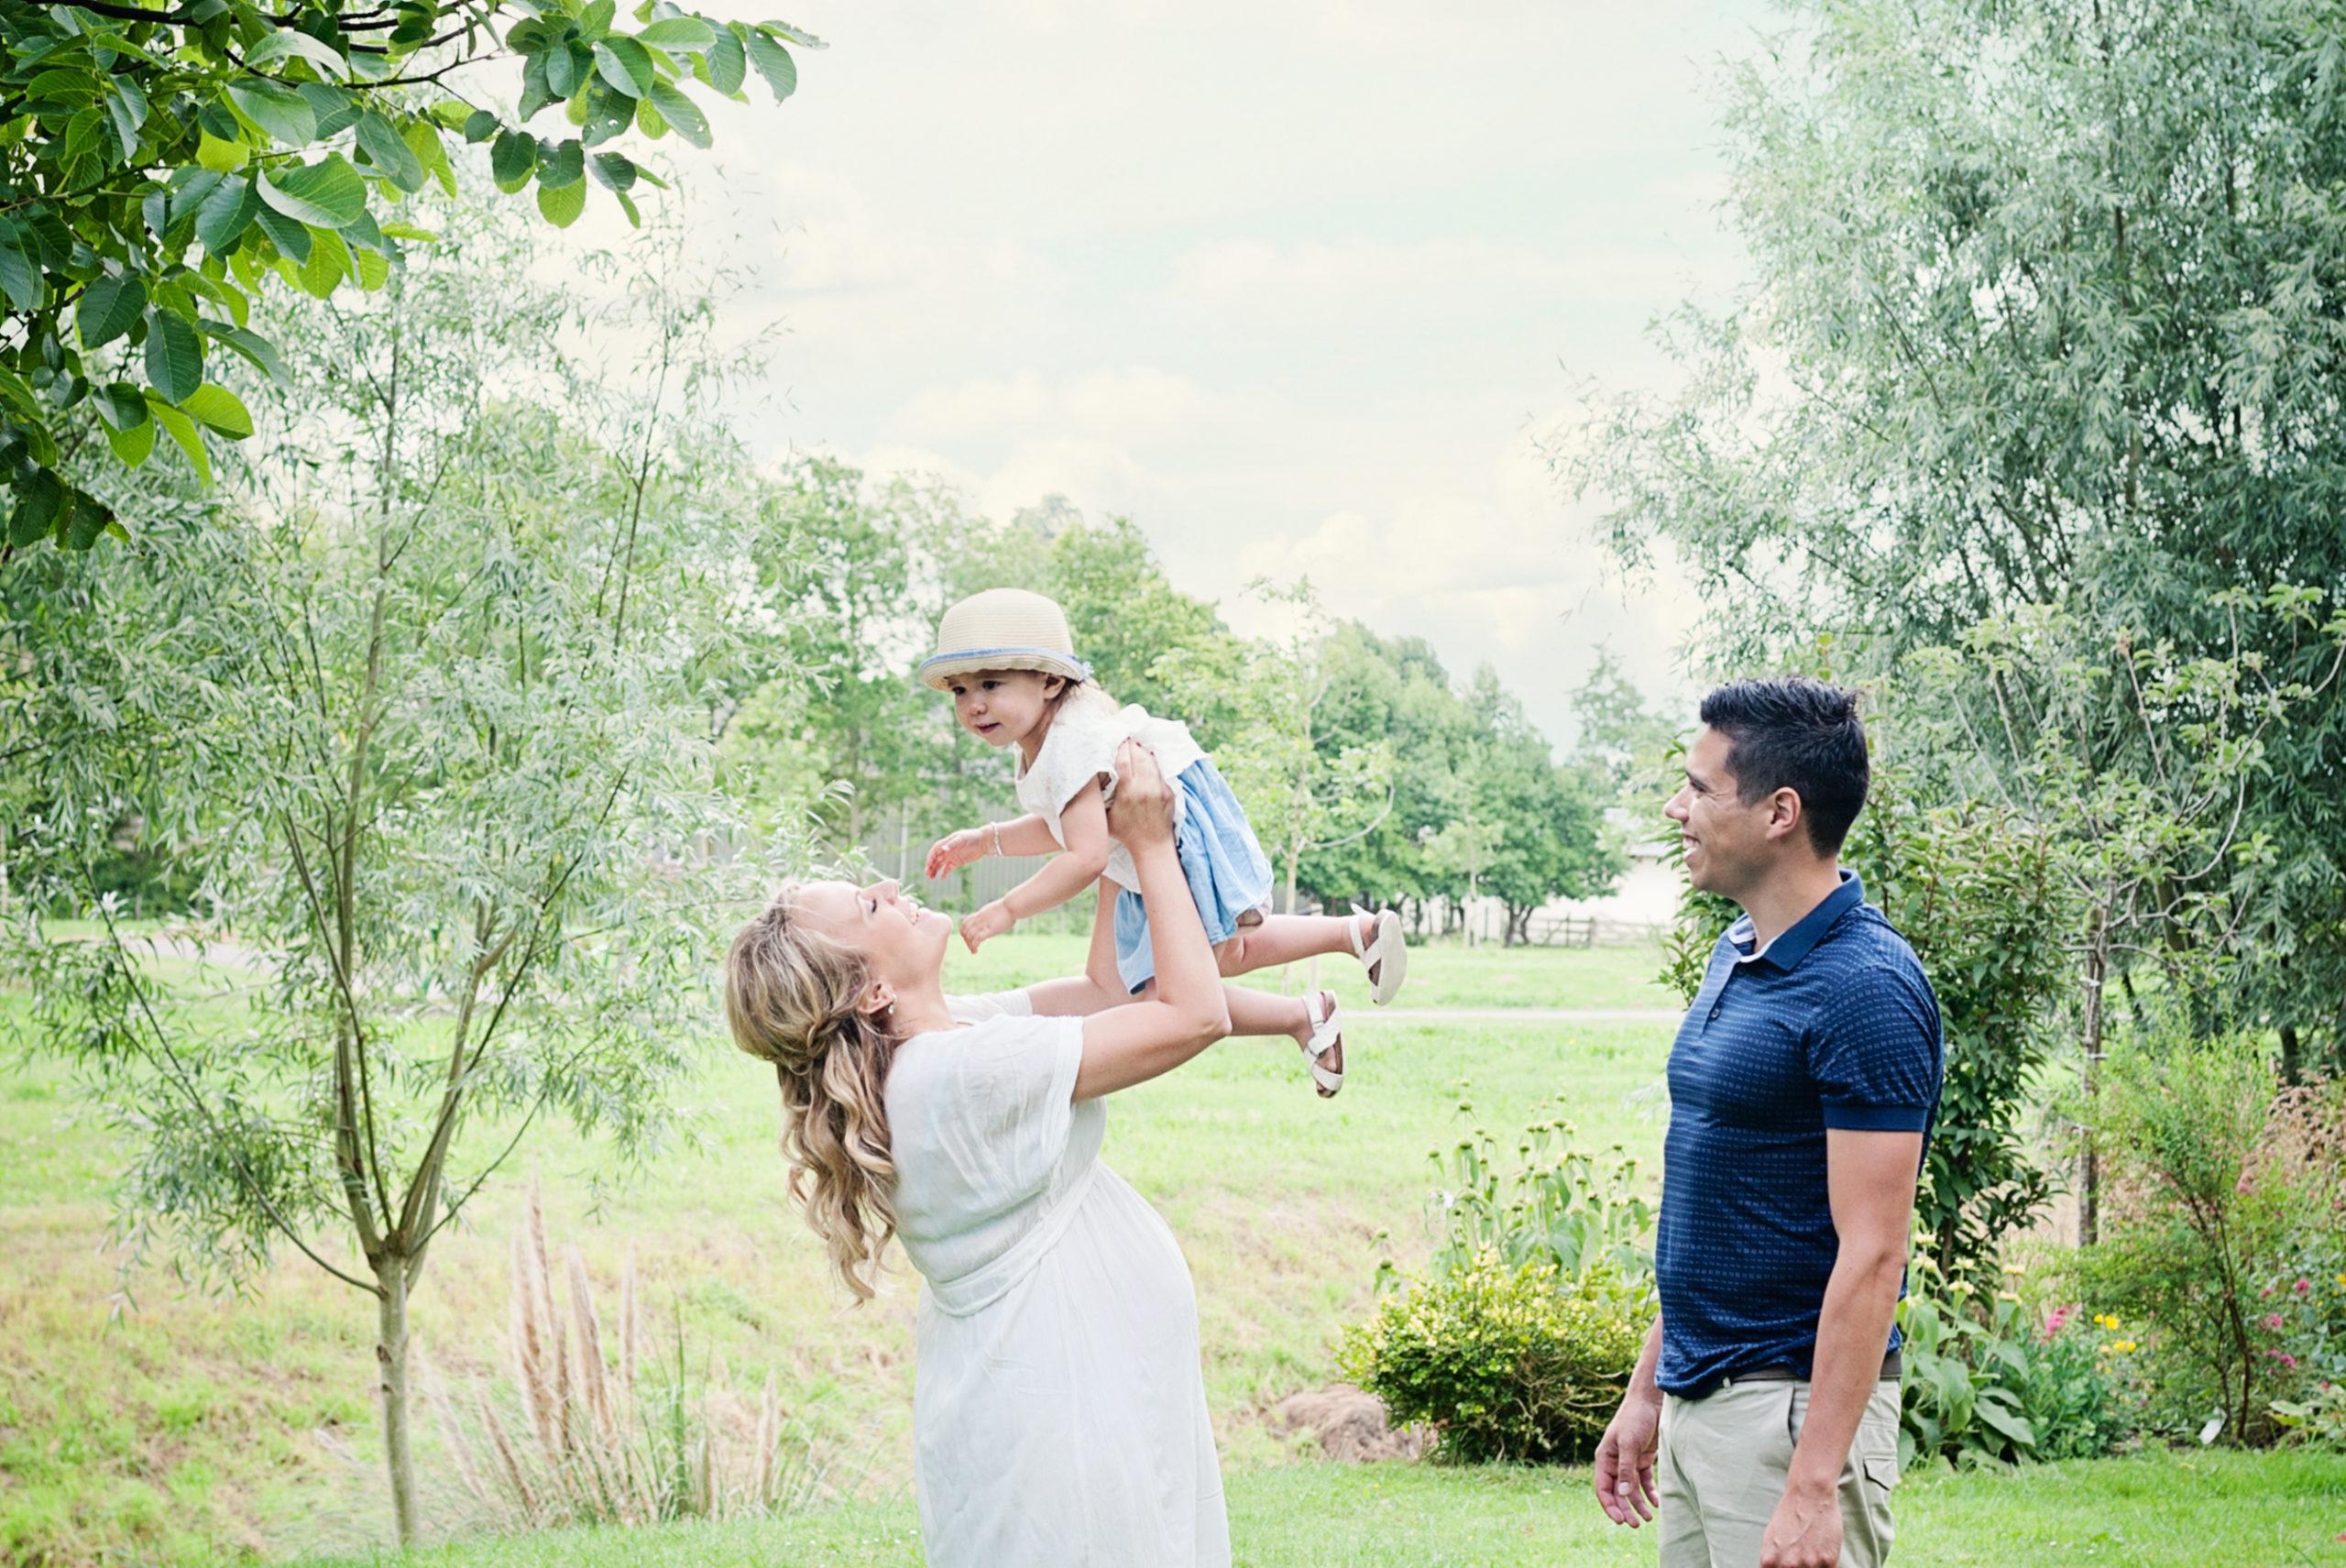 zwanger en newborn shoot buiten